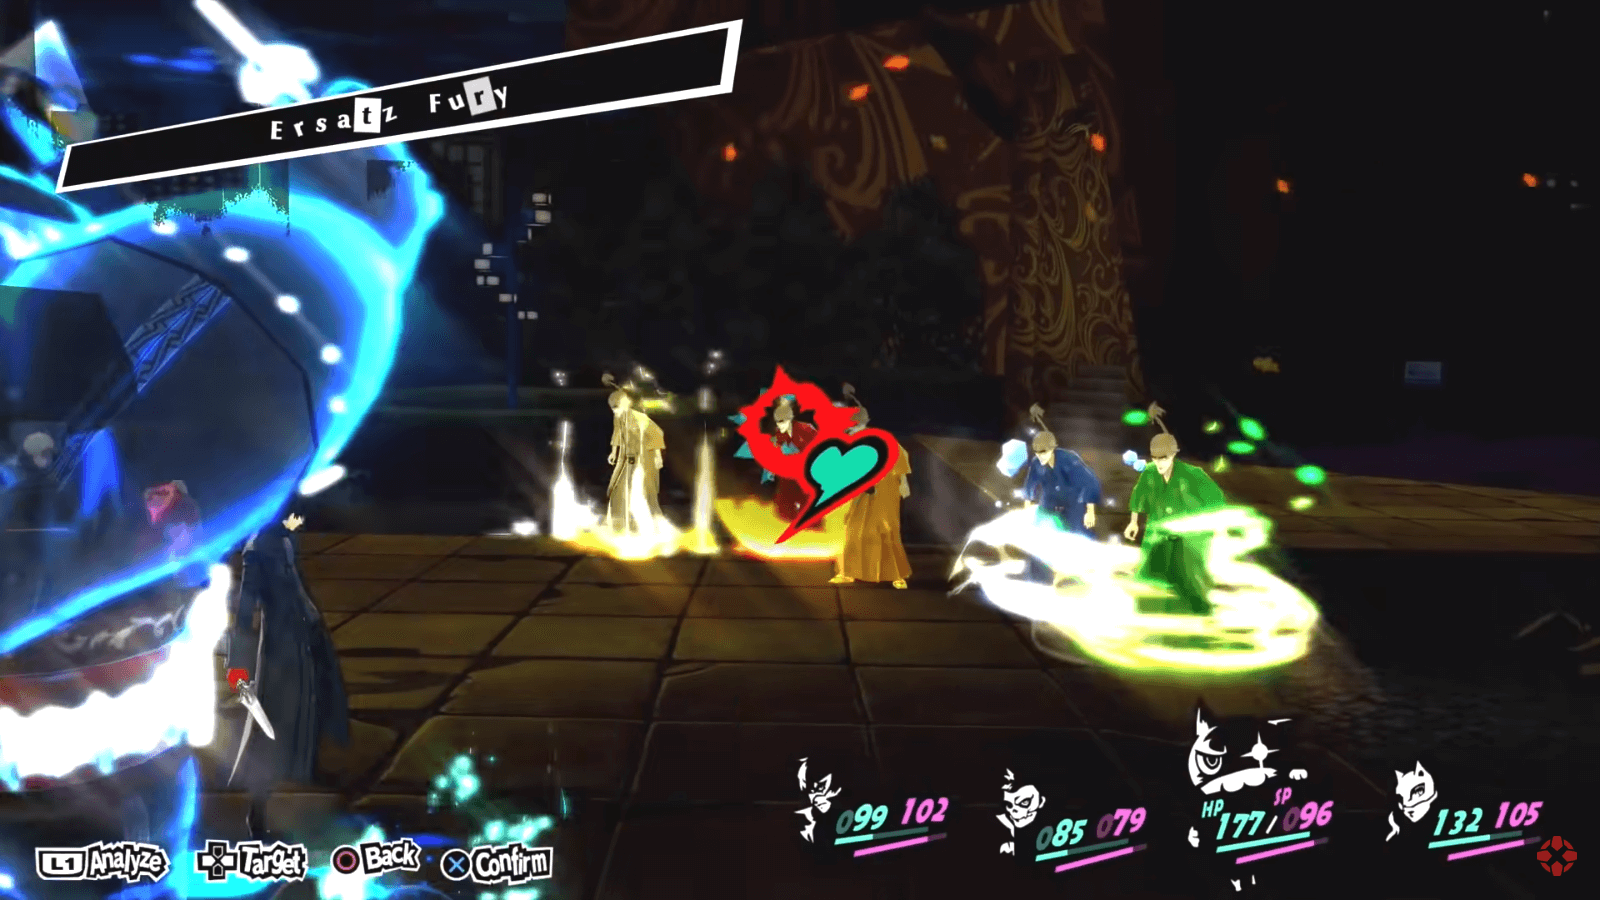 Persona 4: игровая механика включает развитую систему диалогов, исследование мира и пошаговые бои